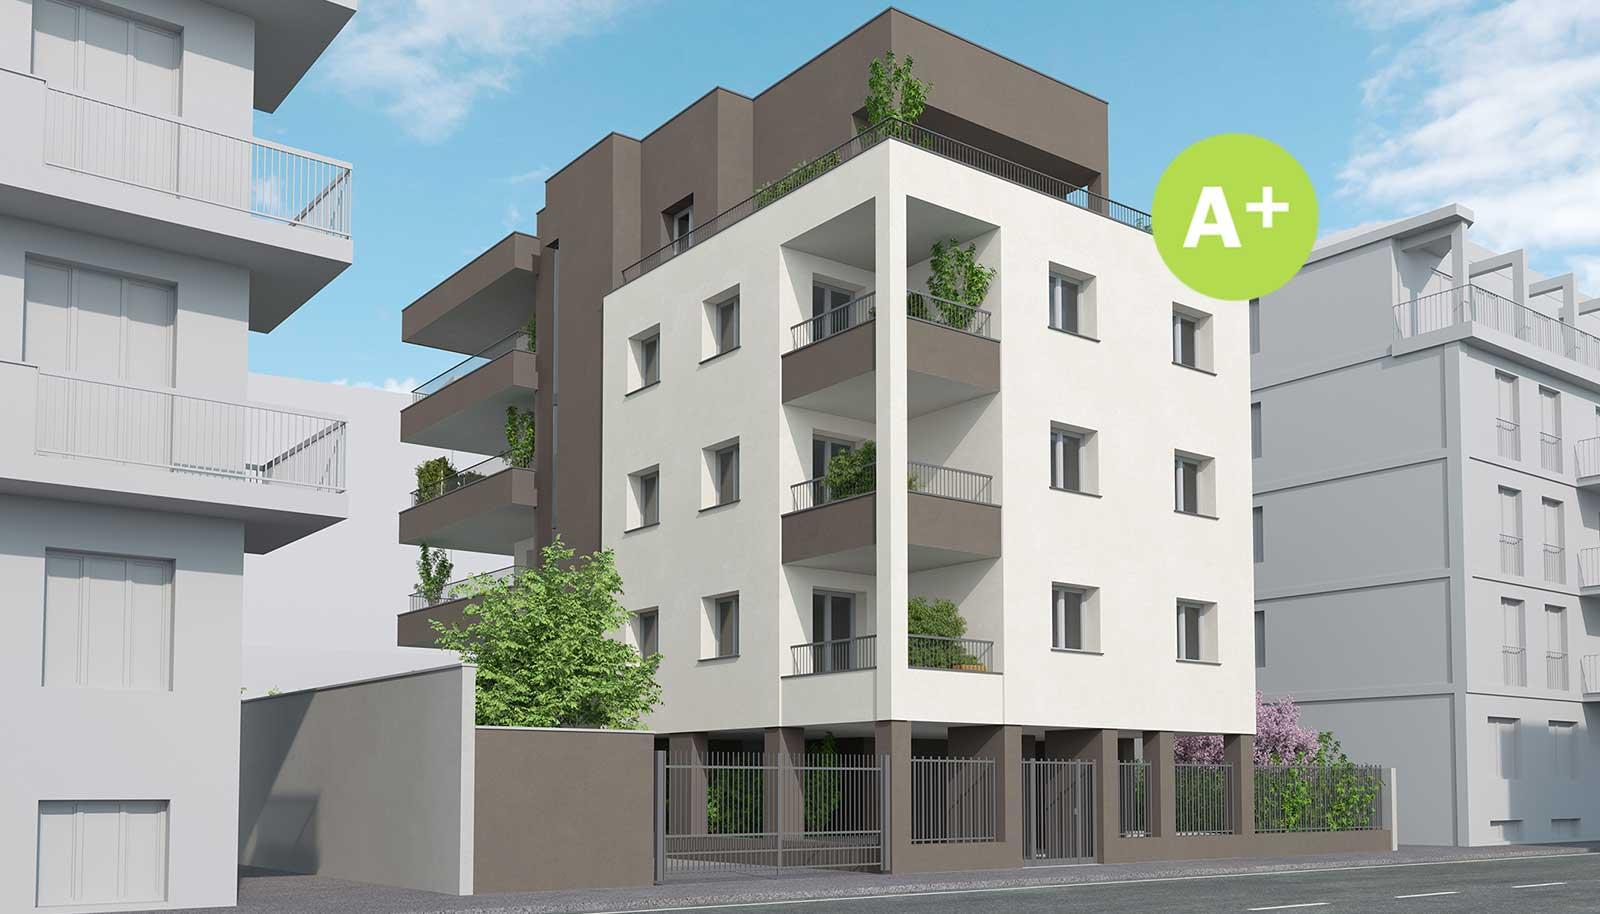 caltagirone immobiliare milano edilizia residenziale classe A